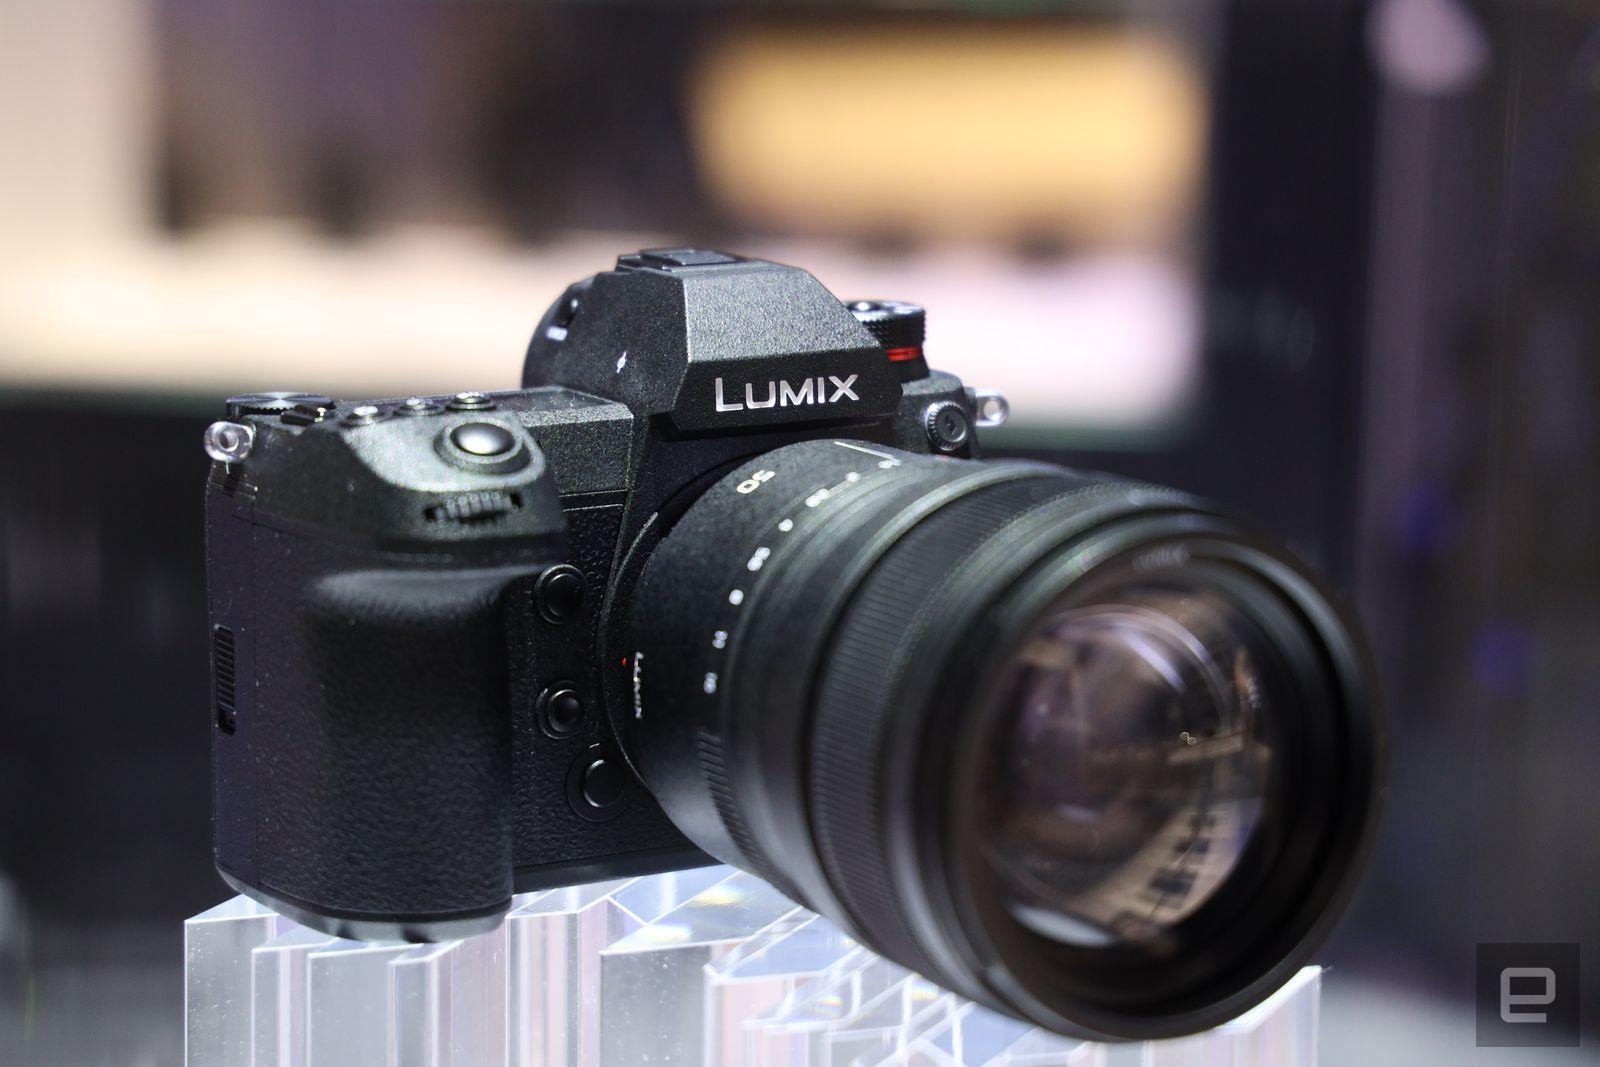 foto su pc da lumix